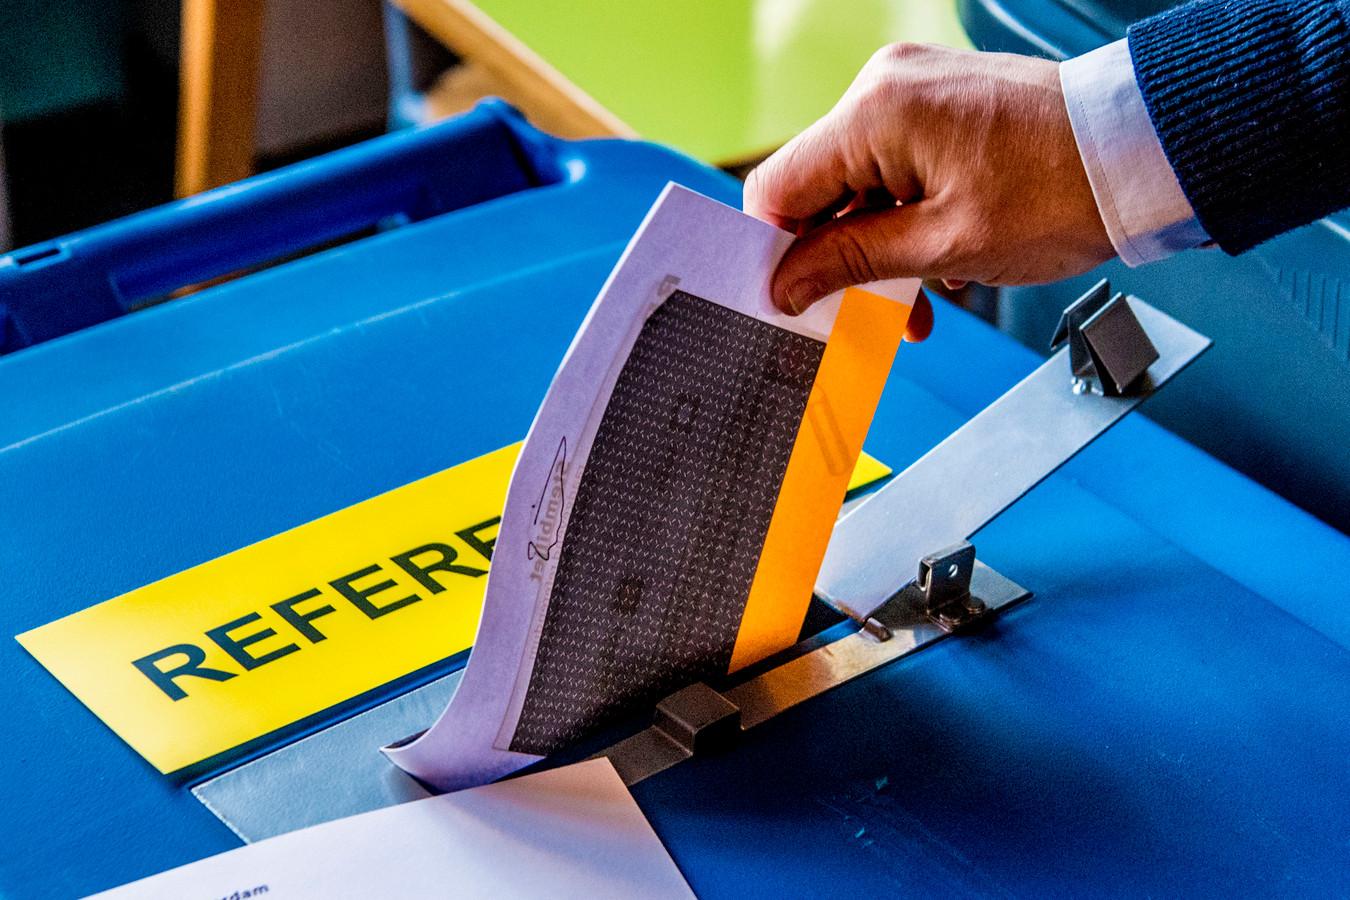 Stembiljet referendum